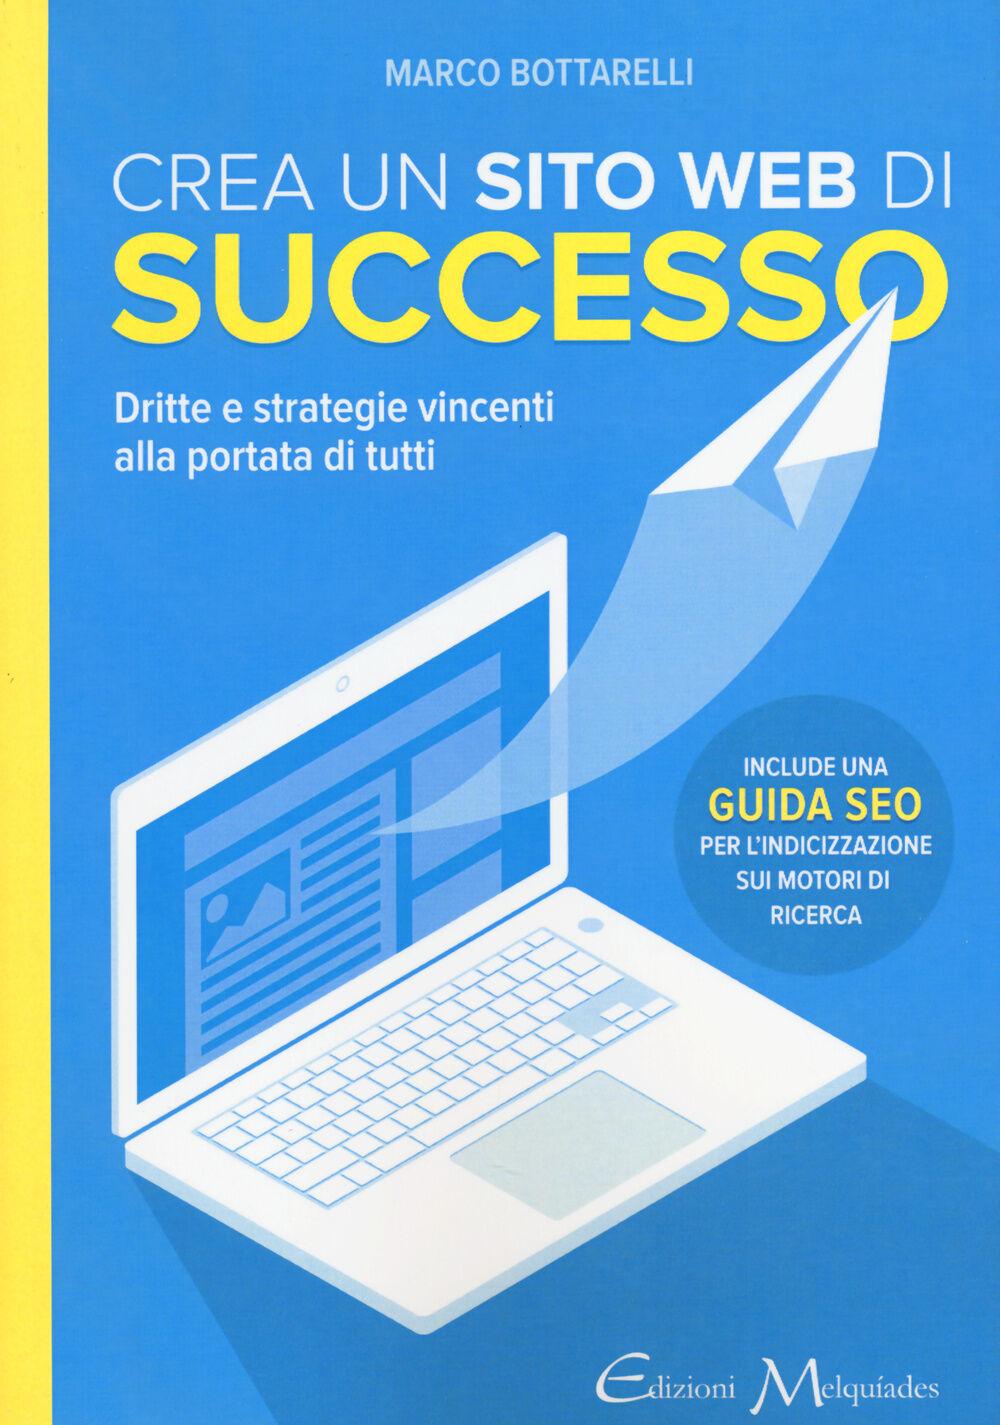 Crea un sito web di successo. Dritte e strategie vincenti alla portata di tutti